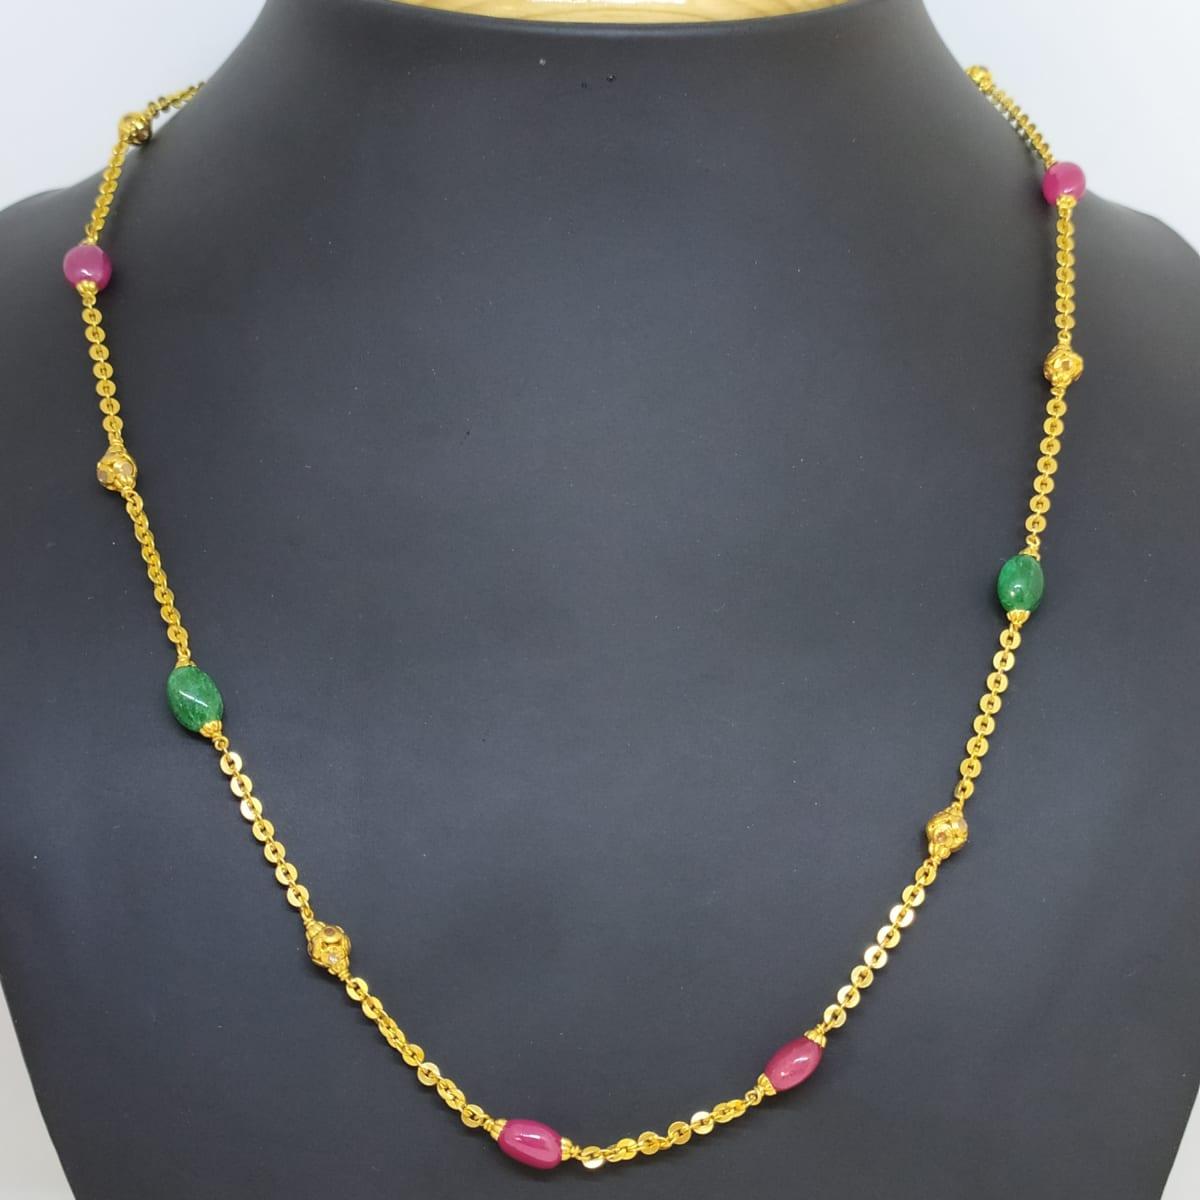 Shruthi Chain